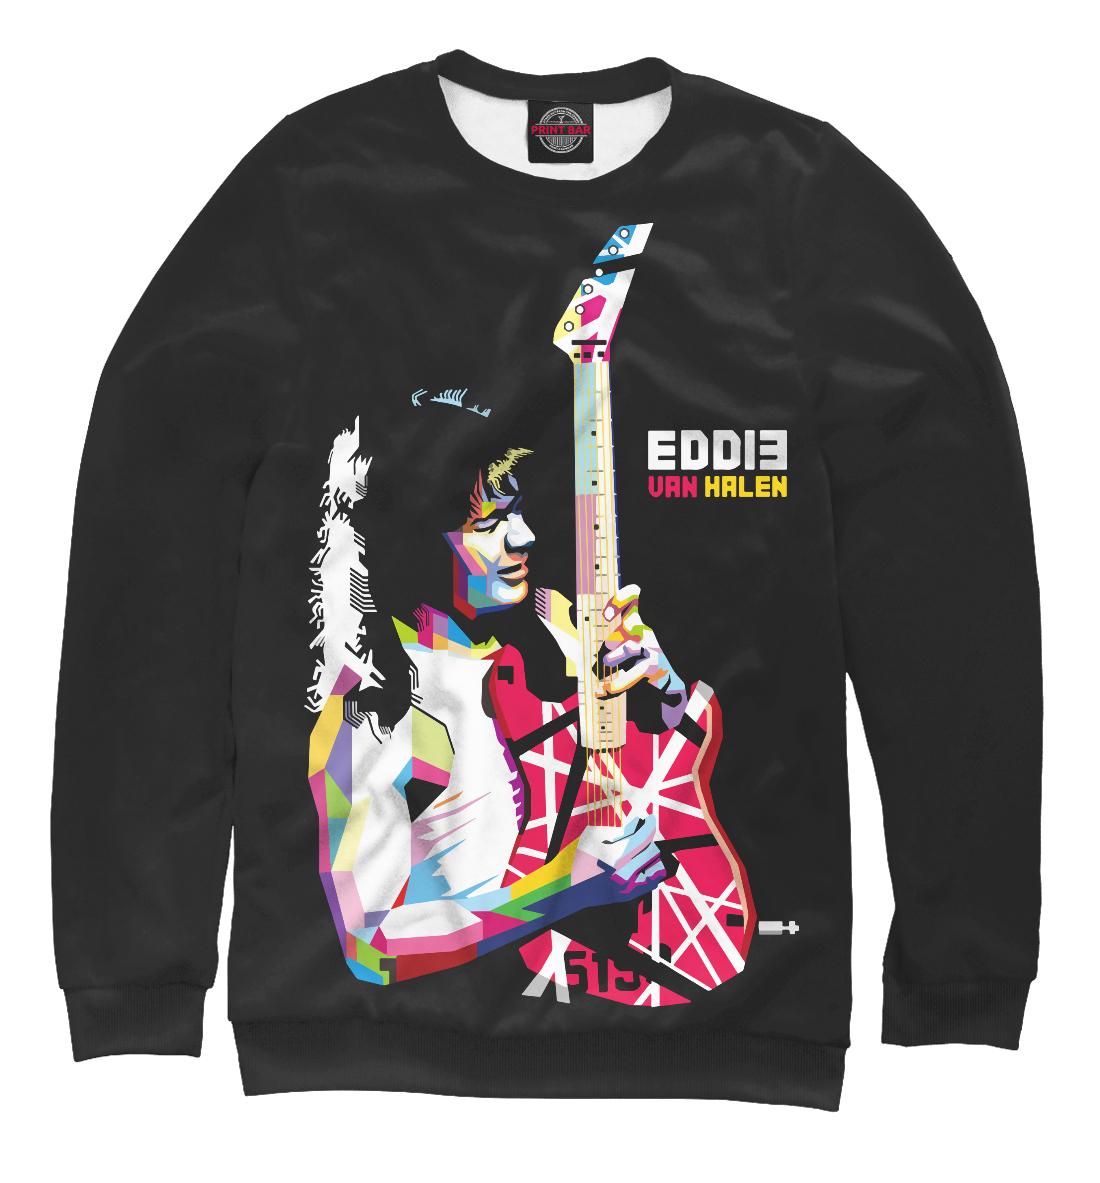 Фото - Eddie Van Halen виниловая пластинка van halen van halen ii remastered 0081227954932